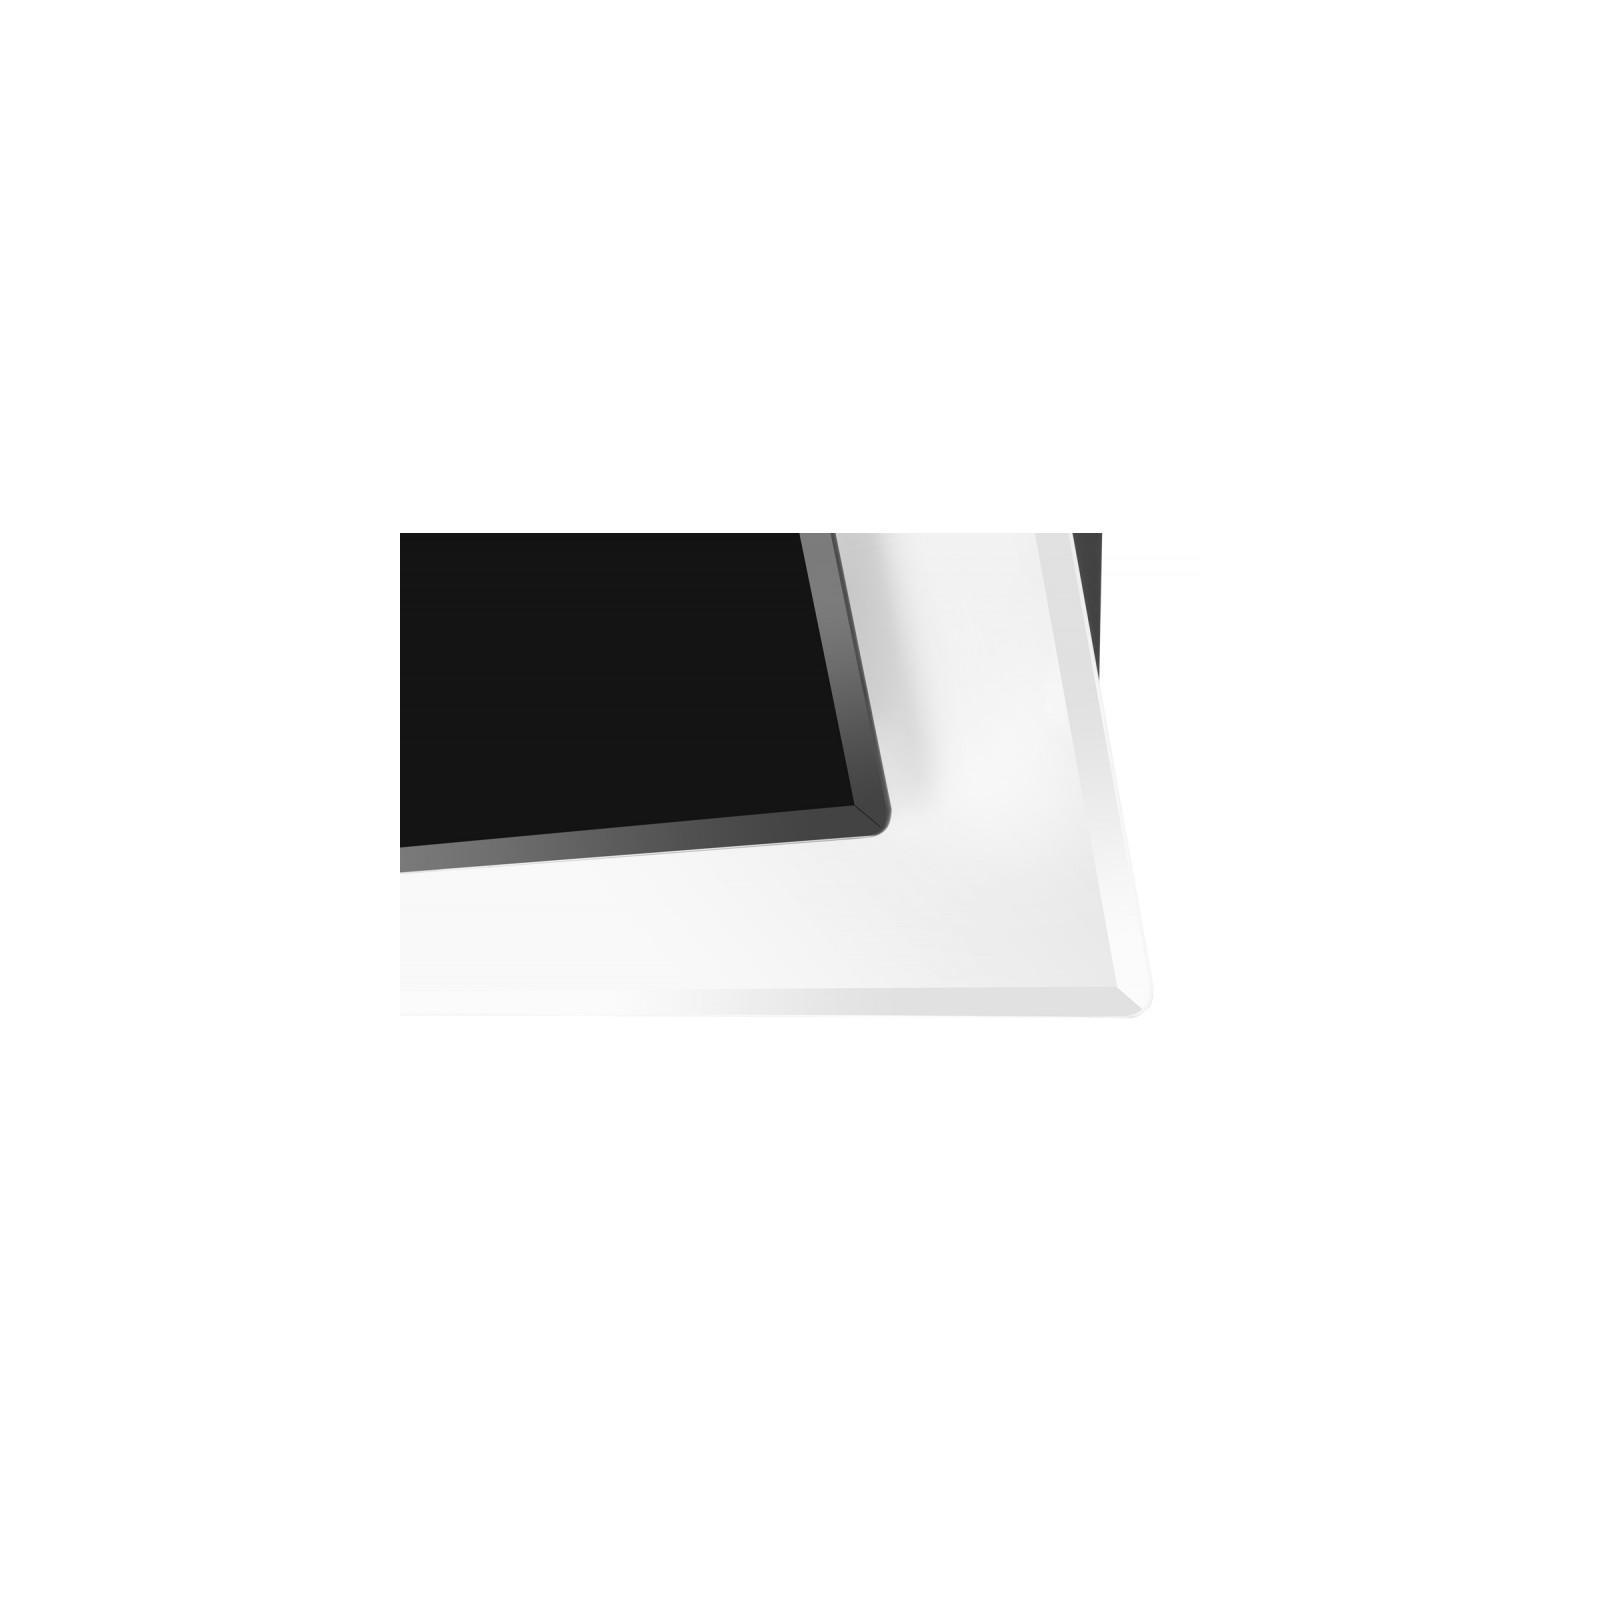 Вытяжка кухонная VENTOLUX FIJI 60 BK/WH (1000) TC IT изображение 7